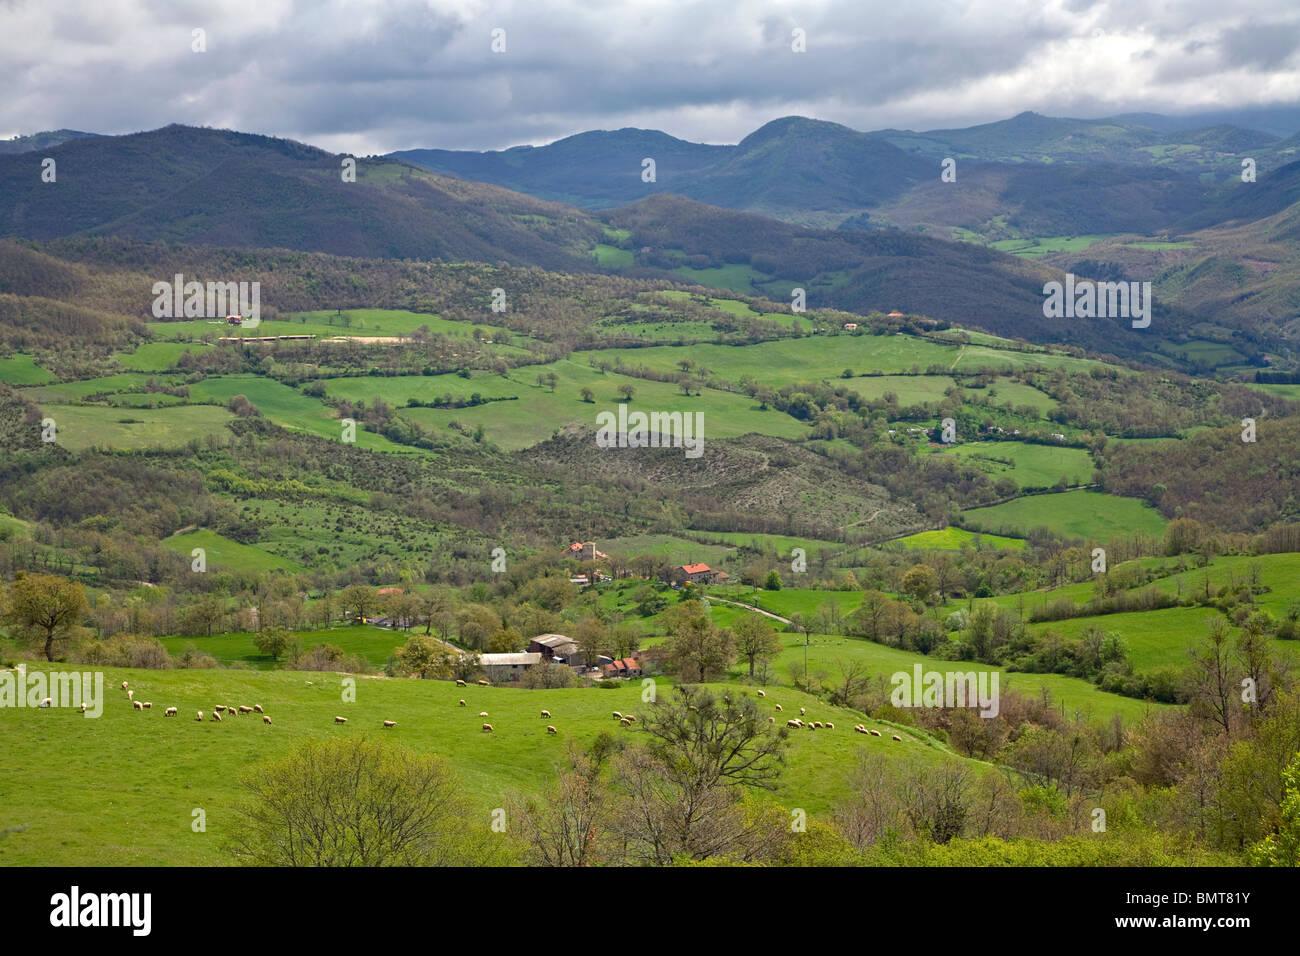 Les moutons broutent les verts pâturages à l'ouest de Pieve Santo Sfefano, dans l'Apennin Central, Photo Stock